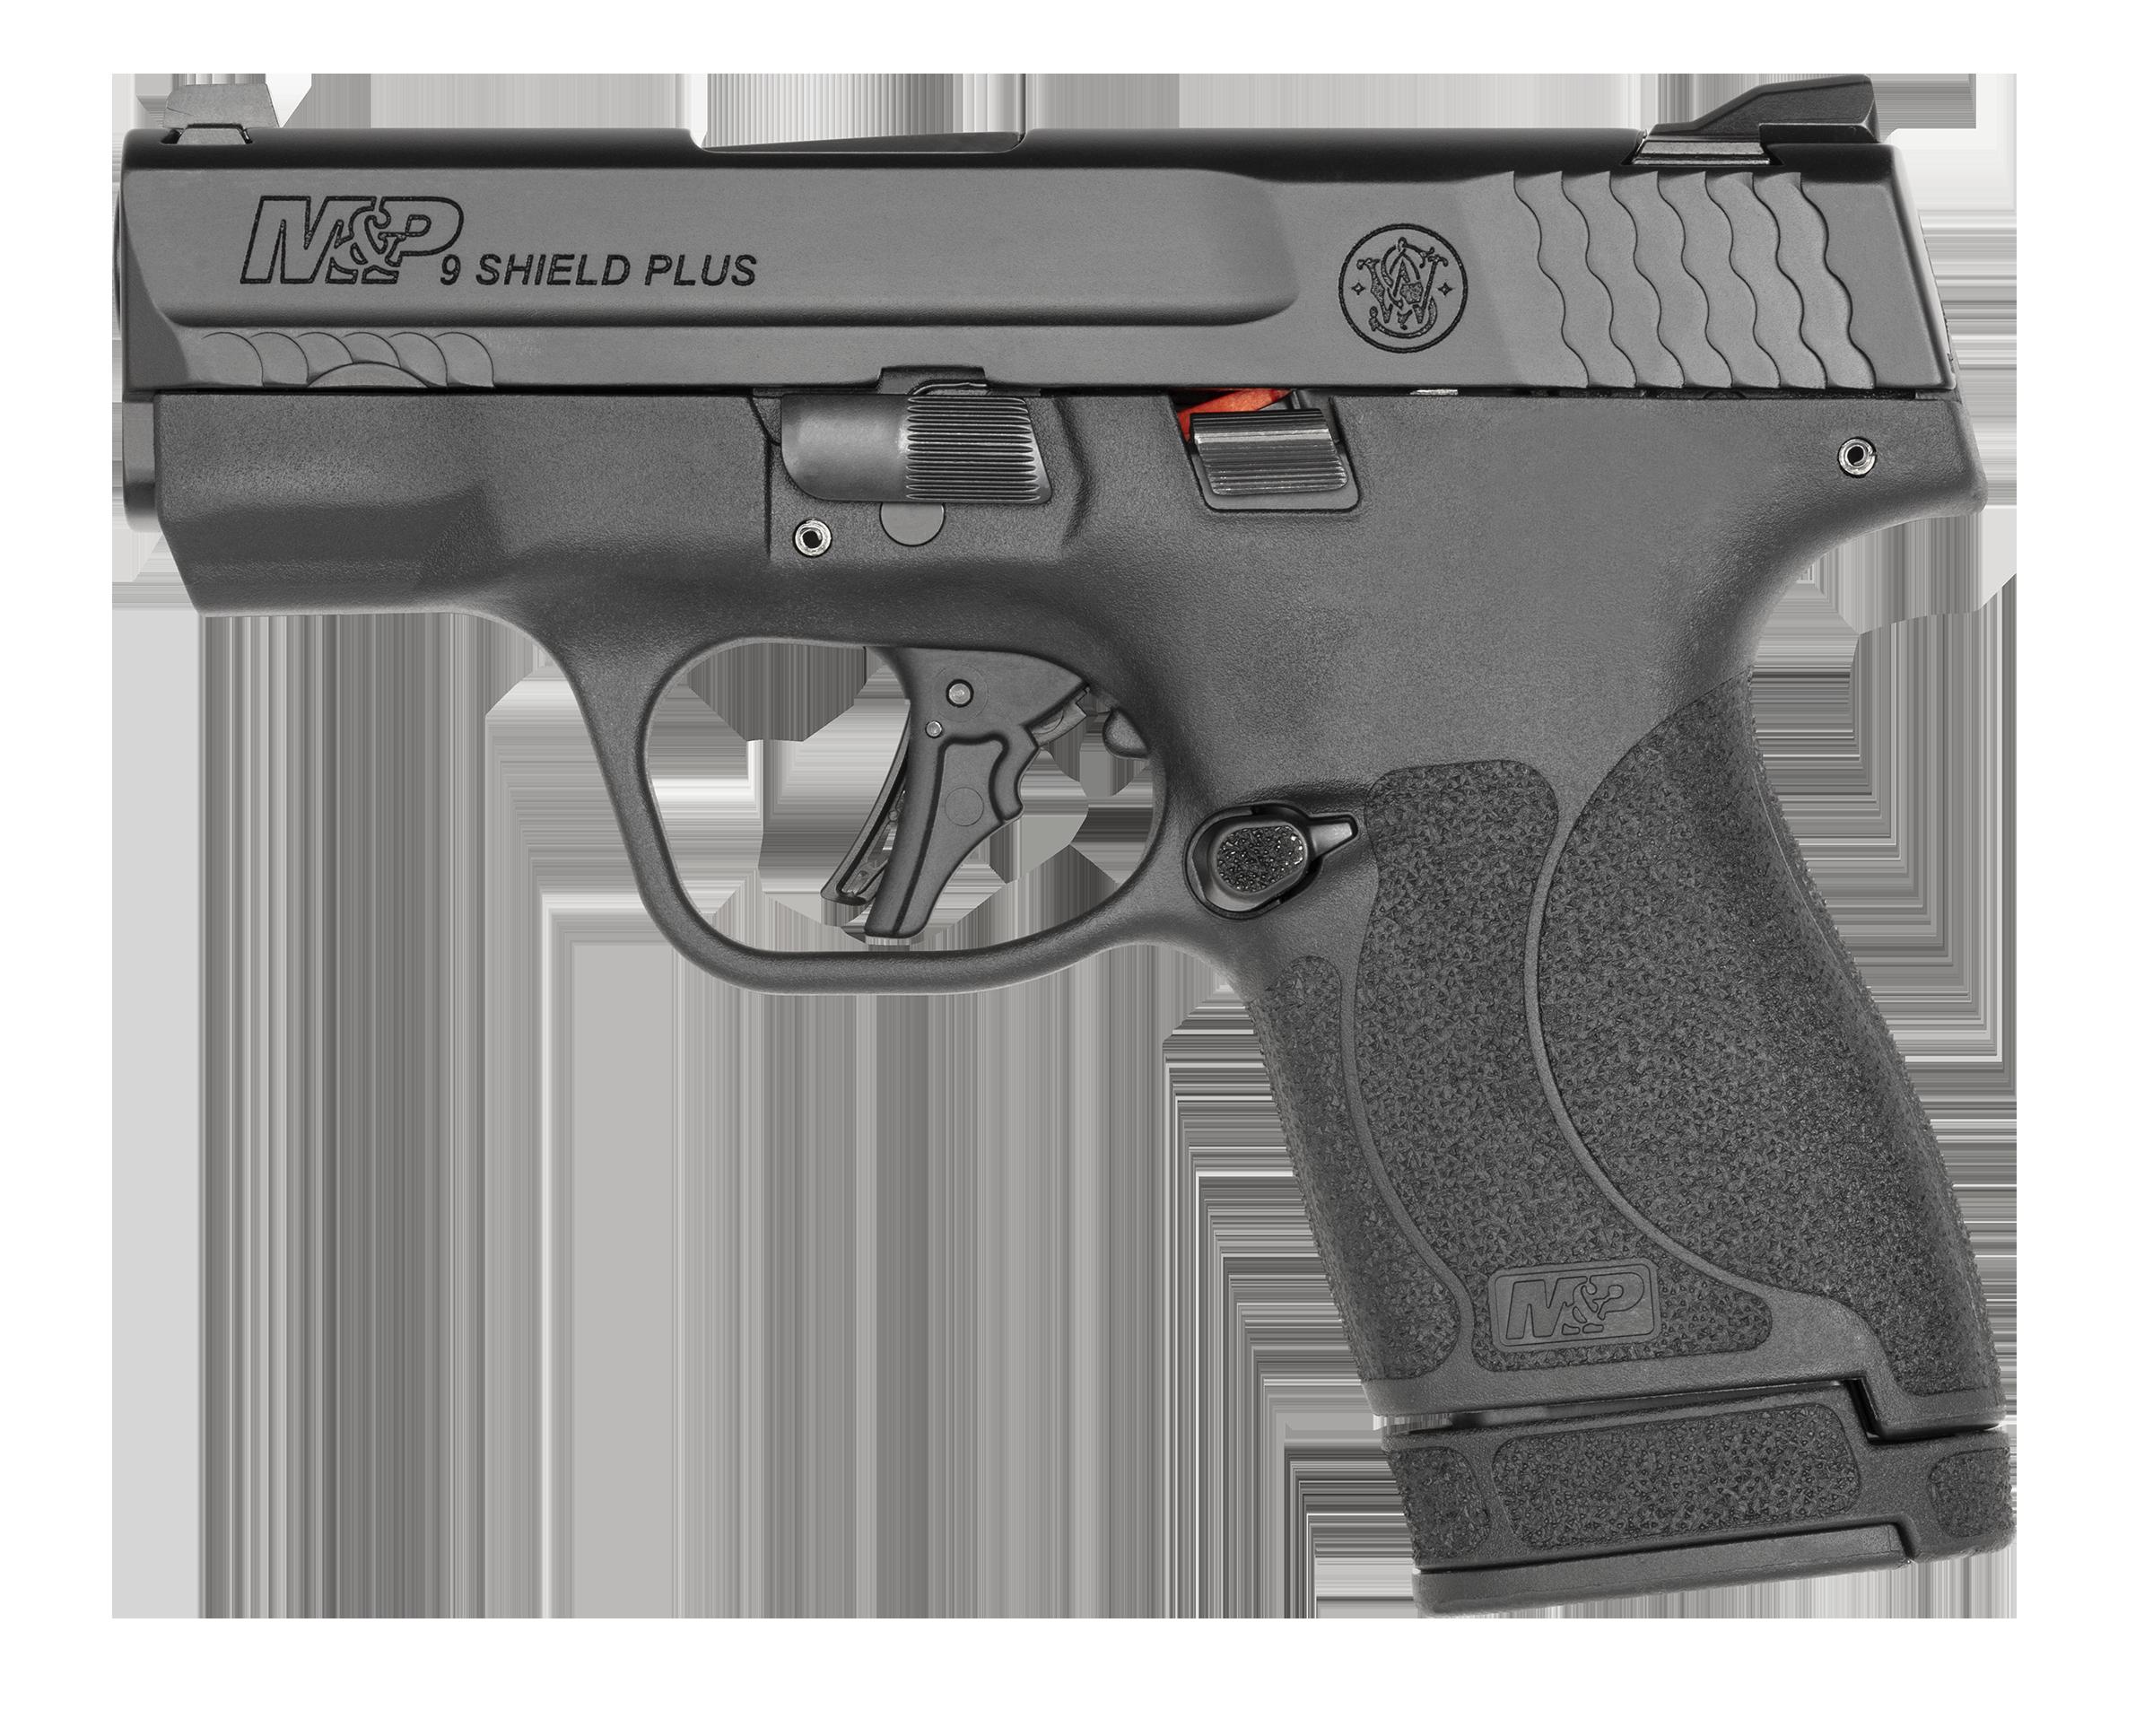 Smith & Wesson M&P Shield Plus 9mm Pistol